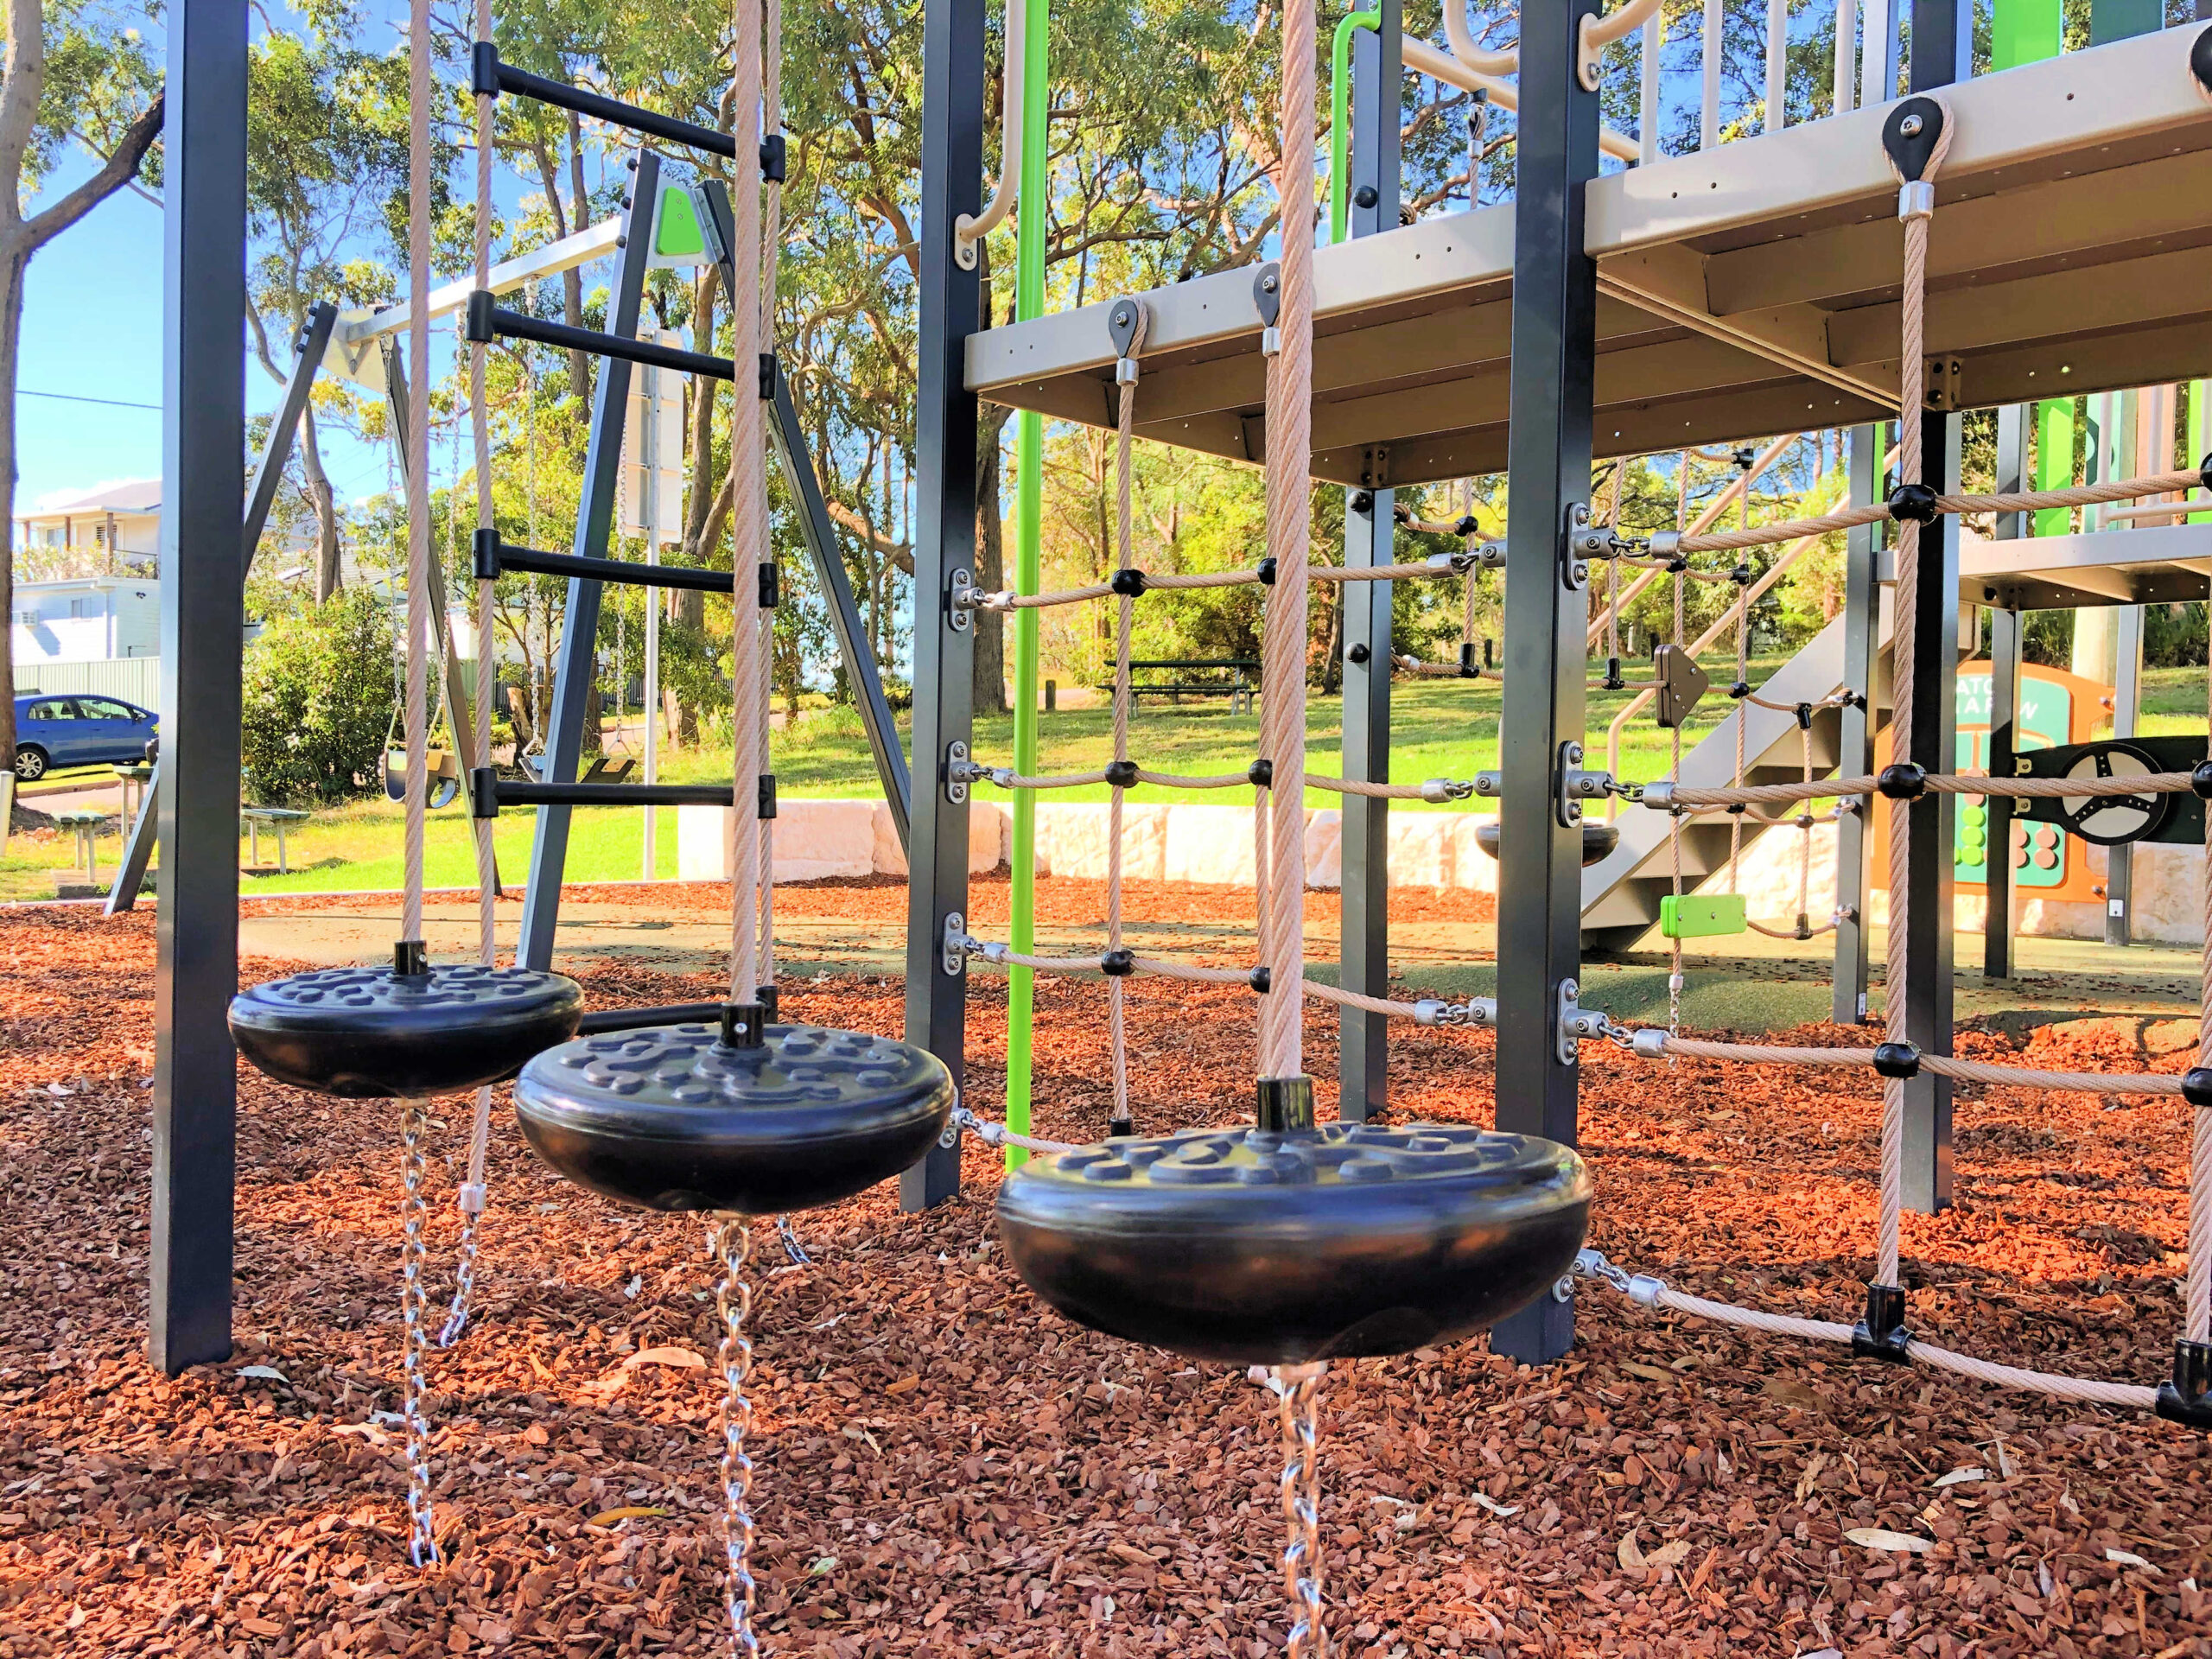 tingara-heights-playground-main